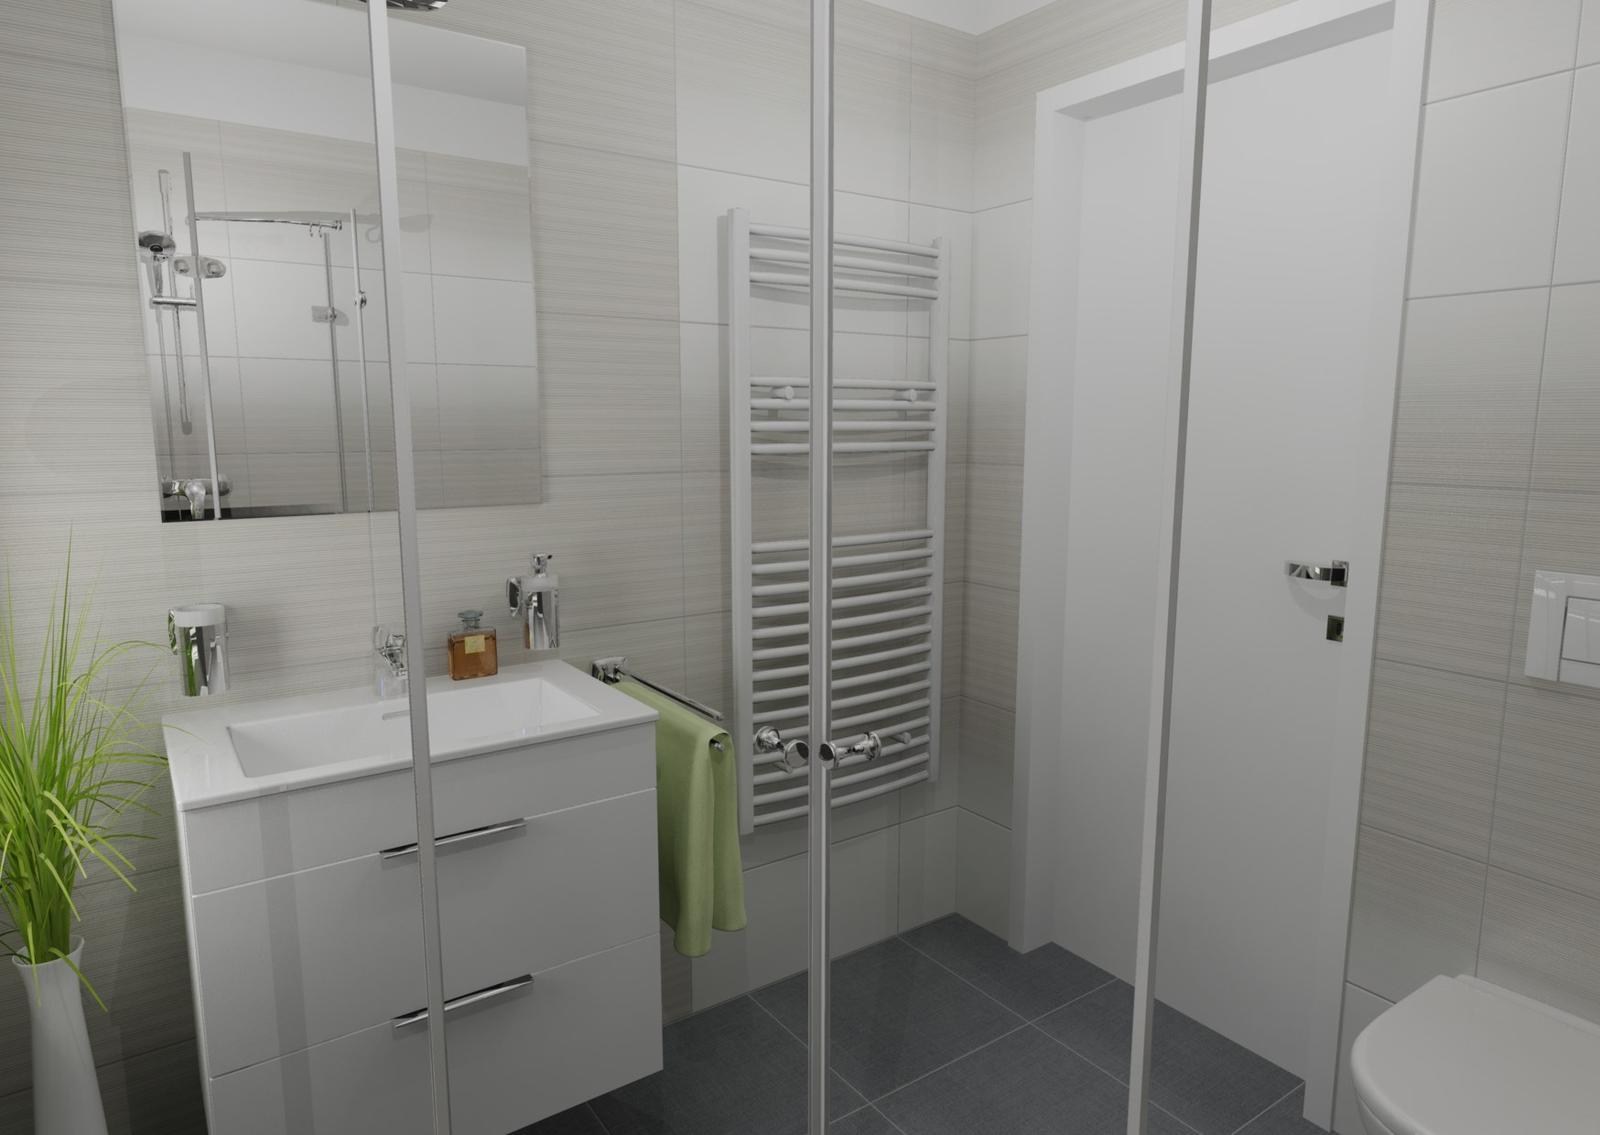 Přišly mi vizualizace koupelen. koupelny... - Obrázek č. 1